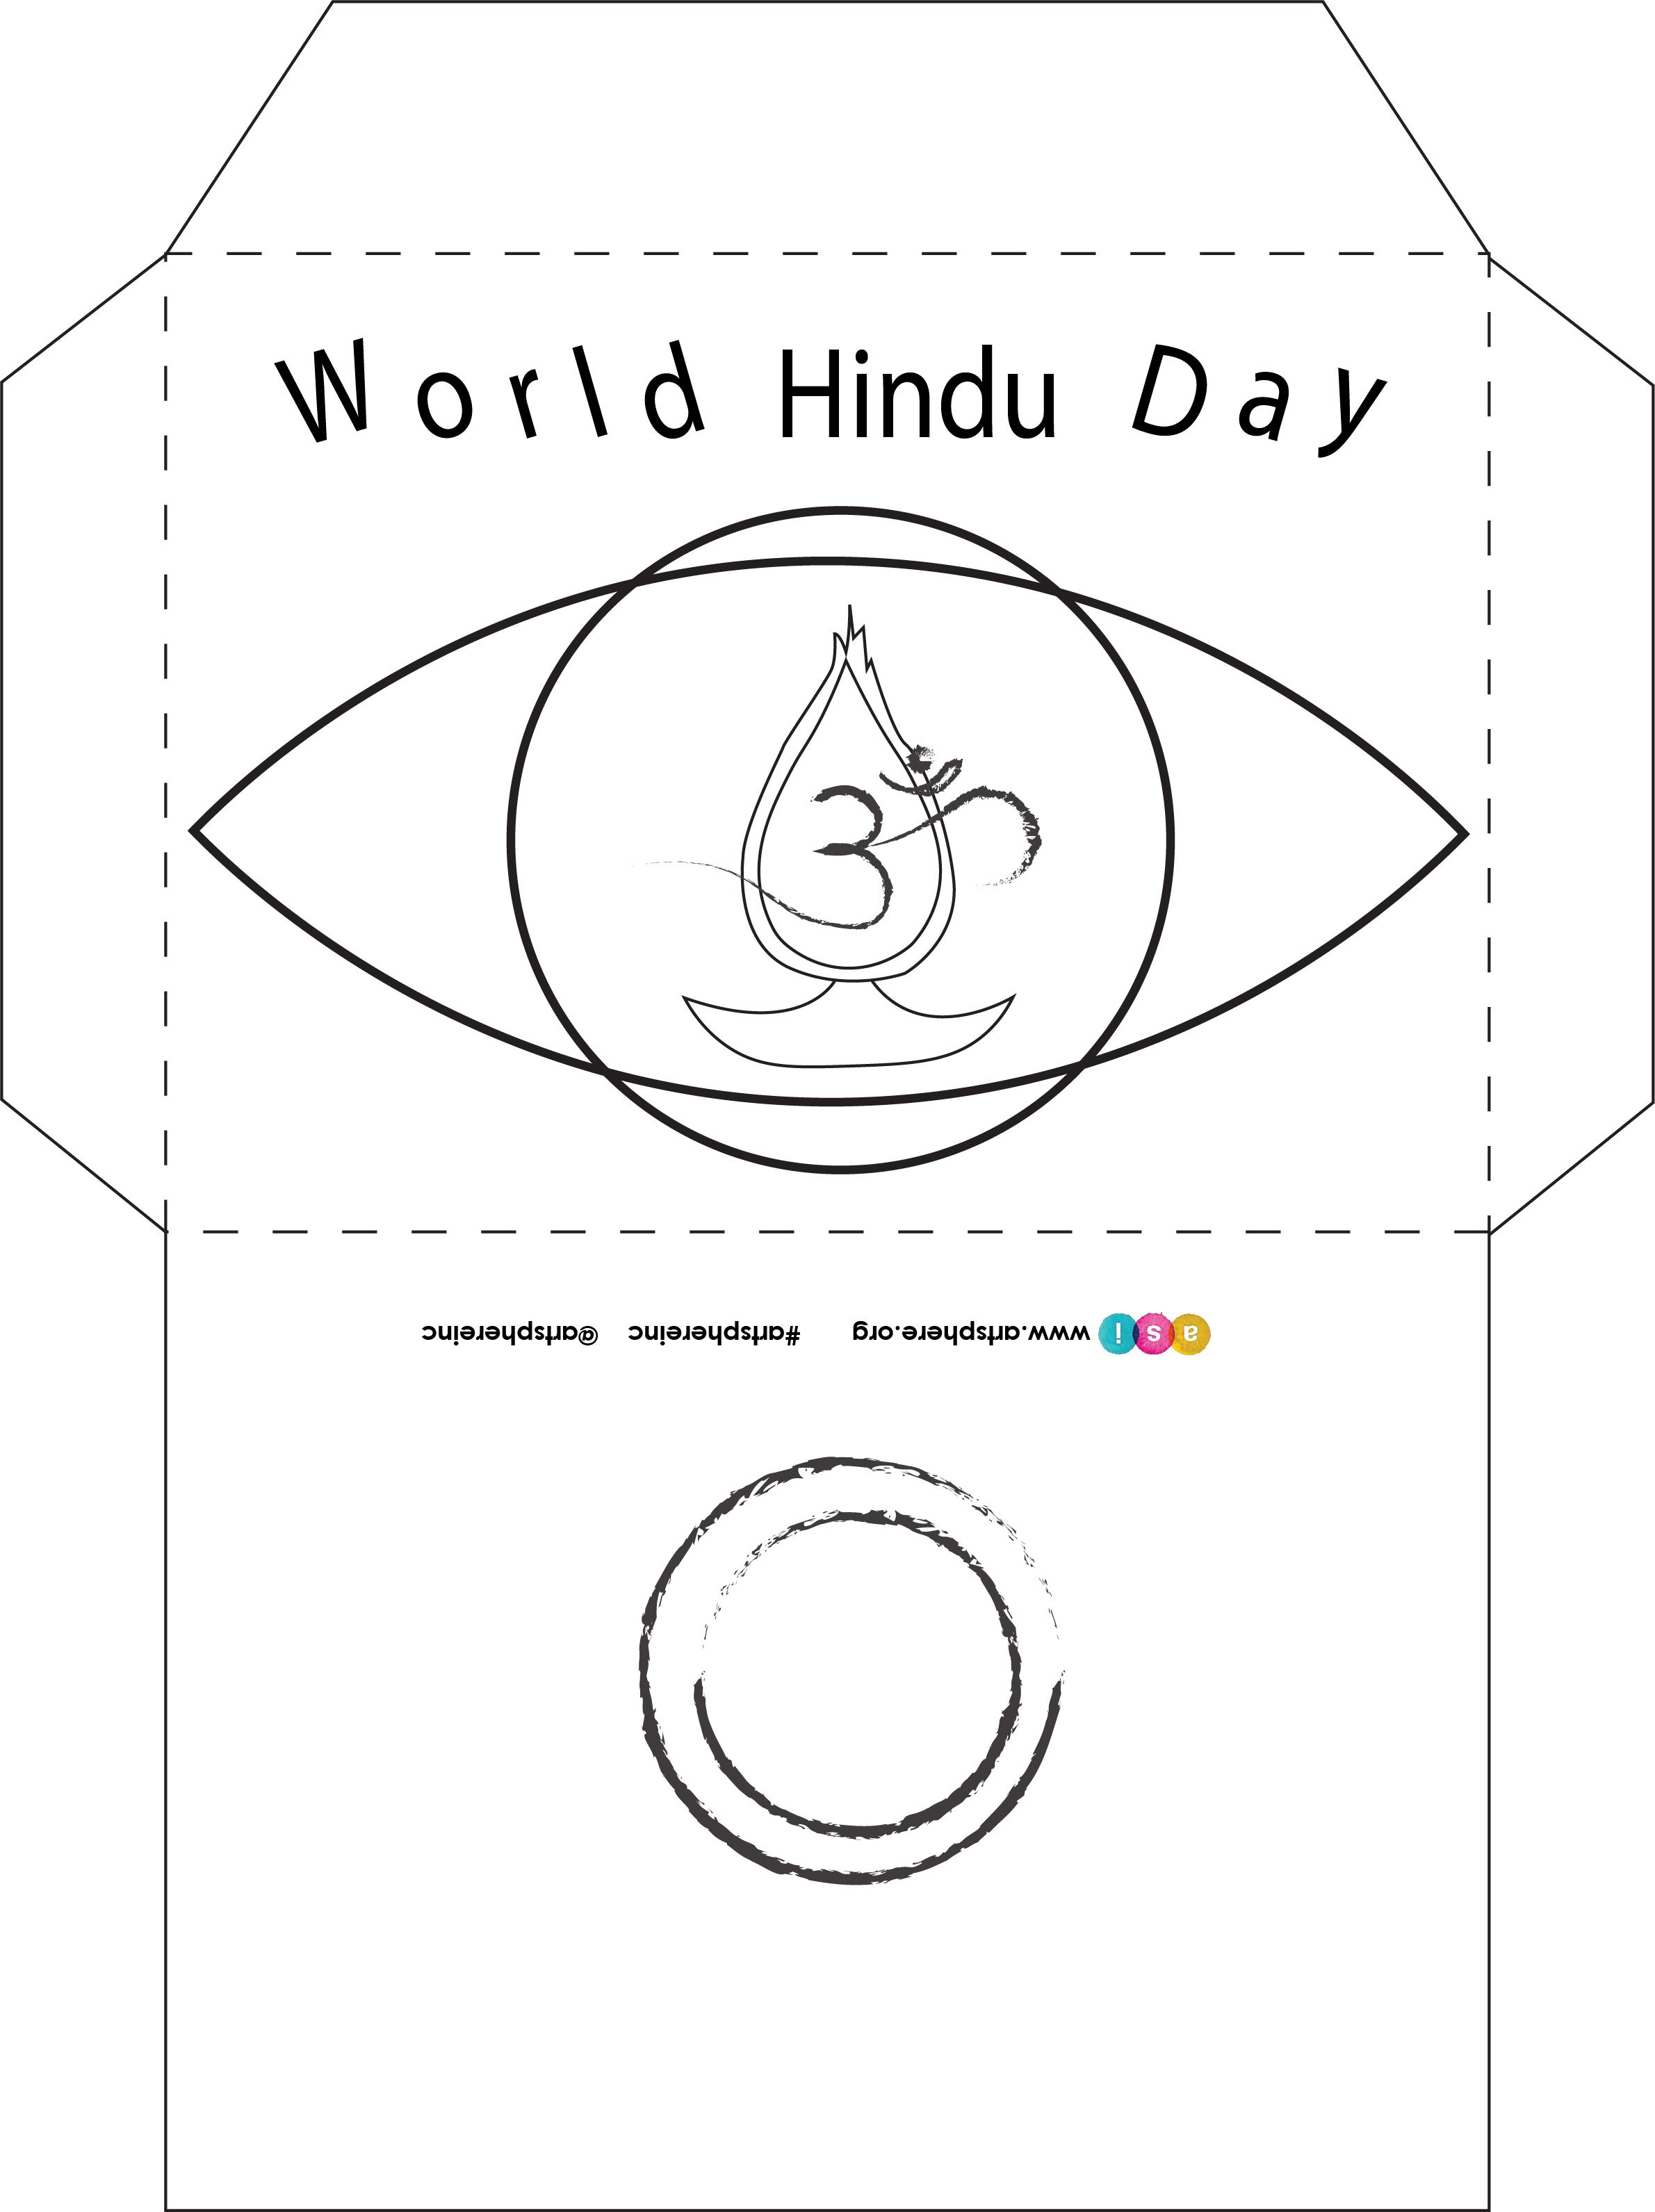 World Hindu Day Envelope Handout